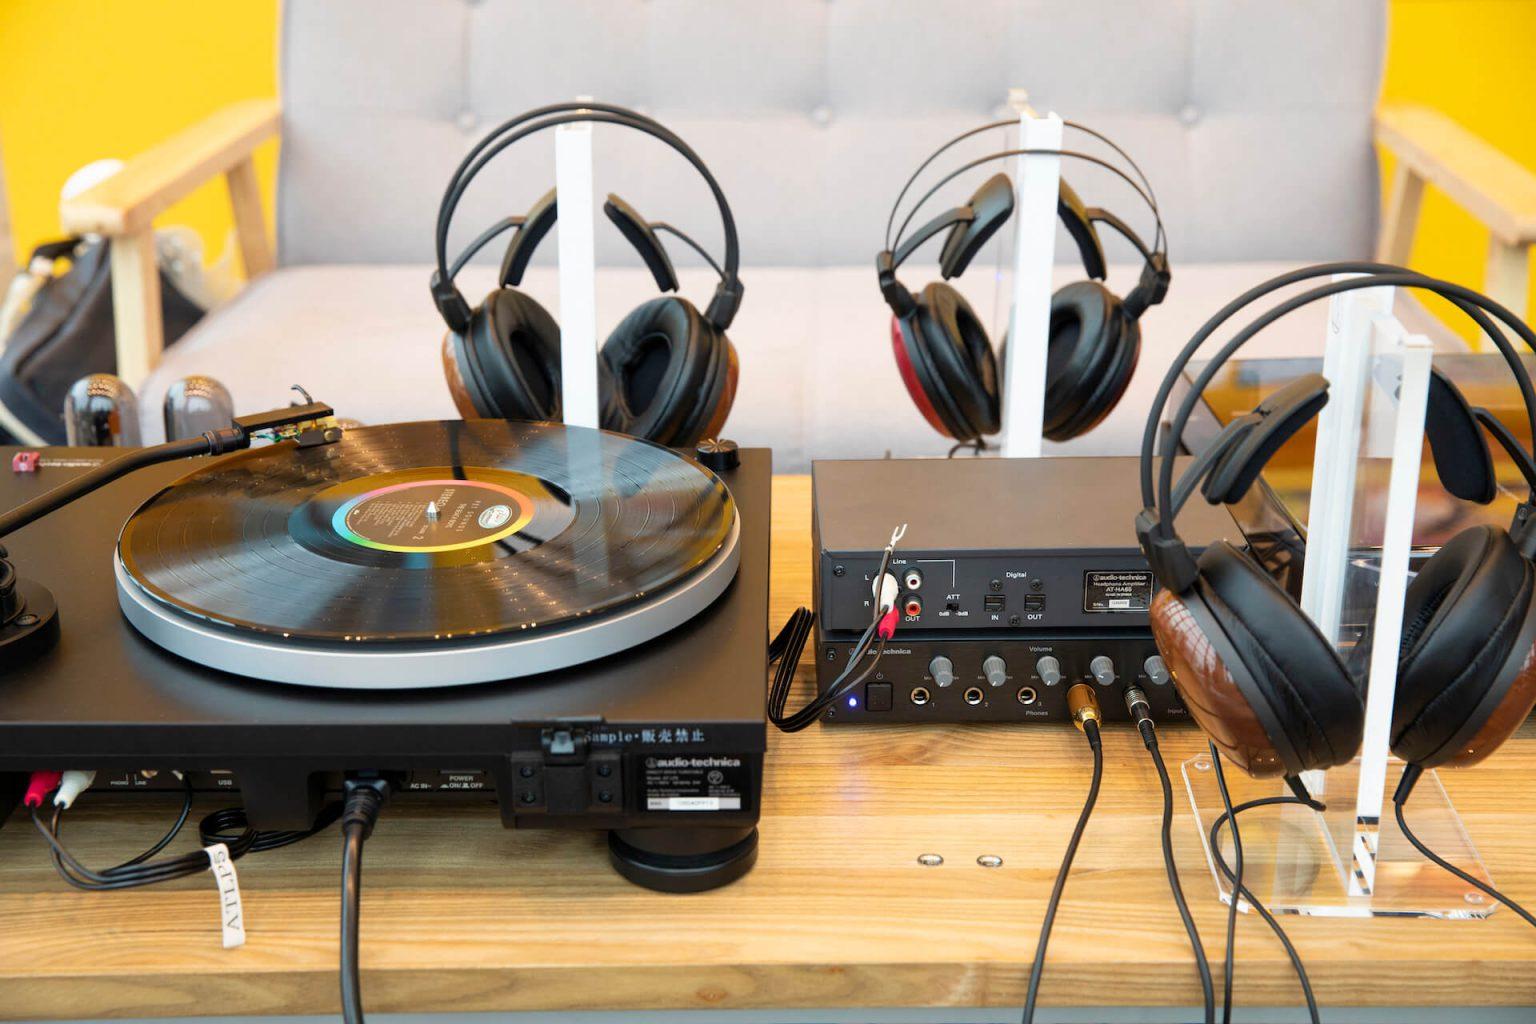 MG_1268-1440x960 アナログってなんだろう––デジタルネイティブ世代に伝えたいアナログ音楽の魅力